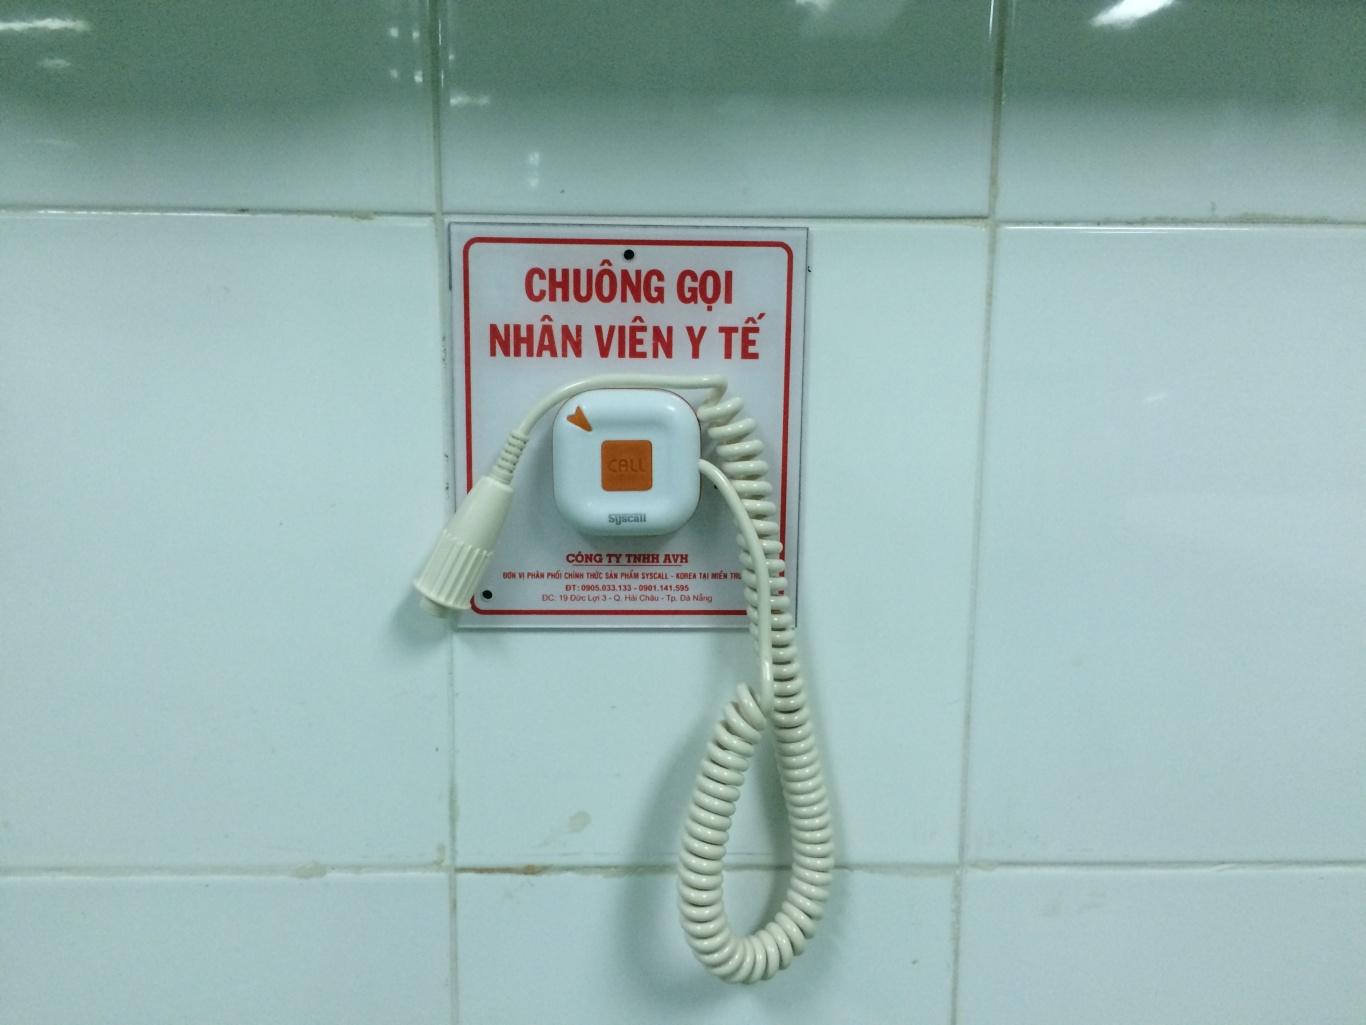 Hệ thống gọi y tá tại một bệnh viện